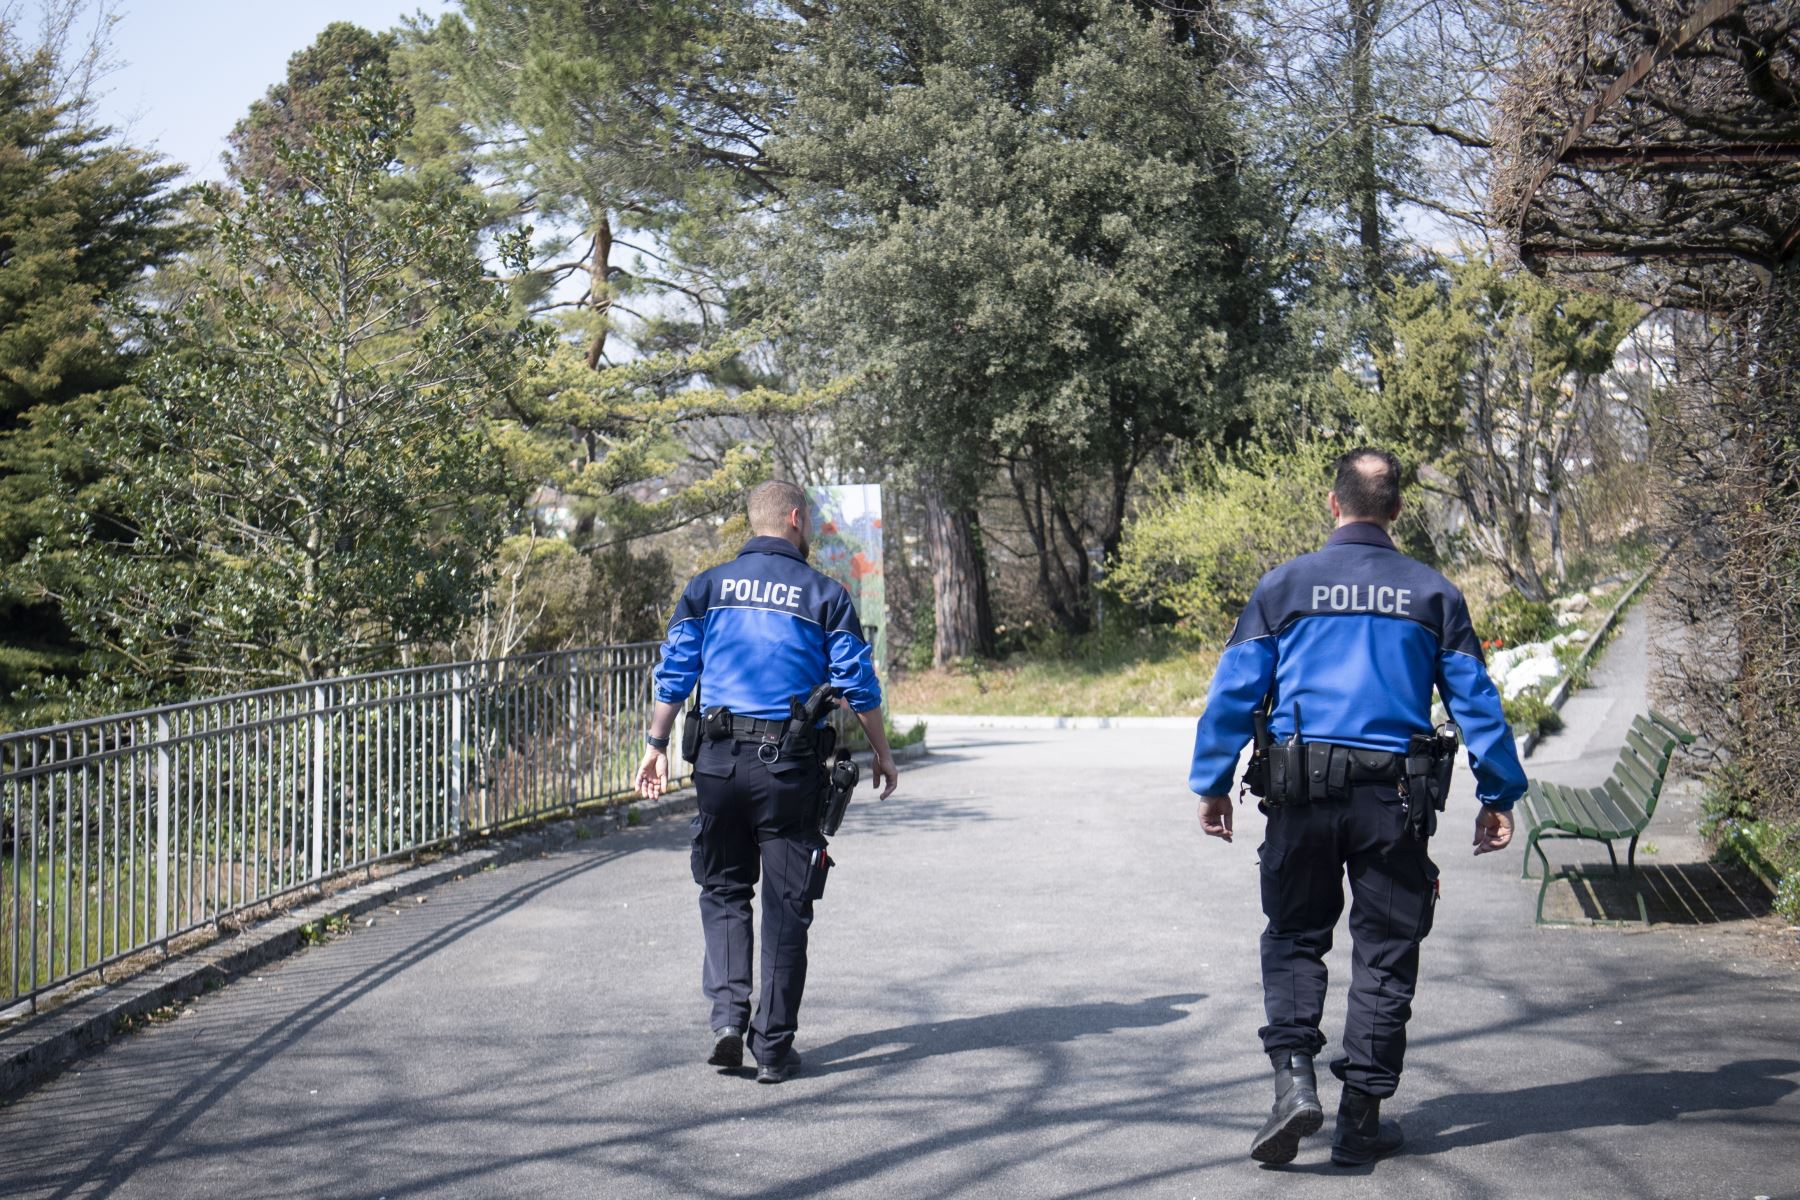 Los oficiales de policía de Lausana patrullan en un parque público para evitar la reunión de más de 5 personas durante el estado de emergencia del brote de la enfermedad por coronavirus  en Suiza. Foto: EFE